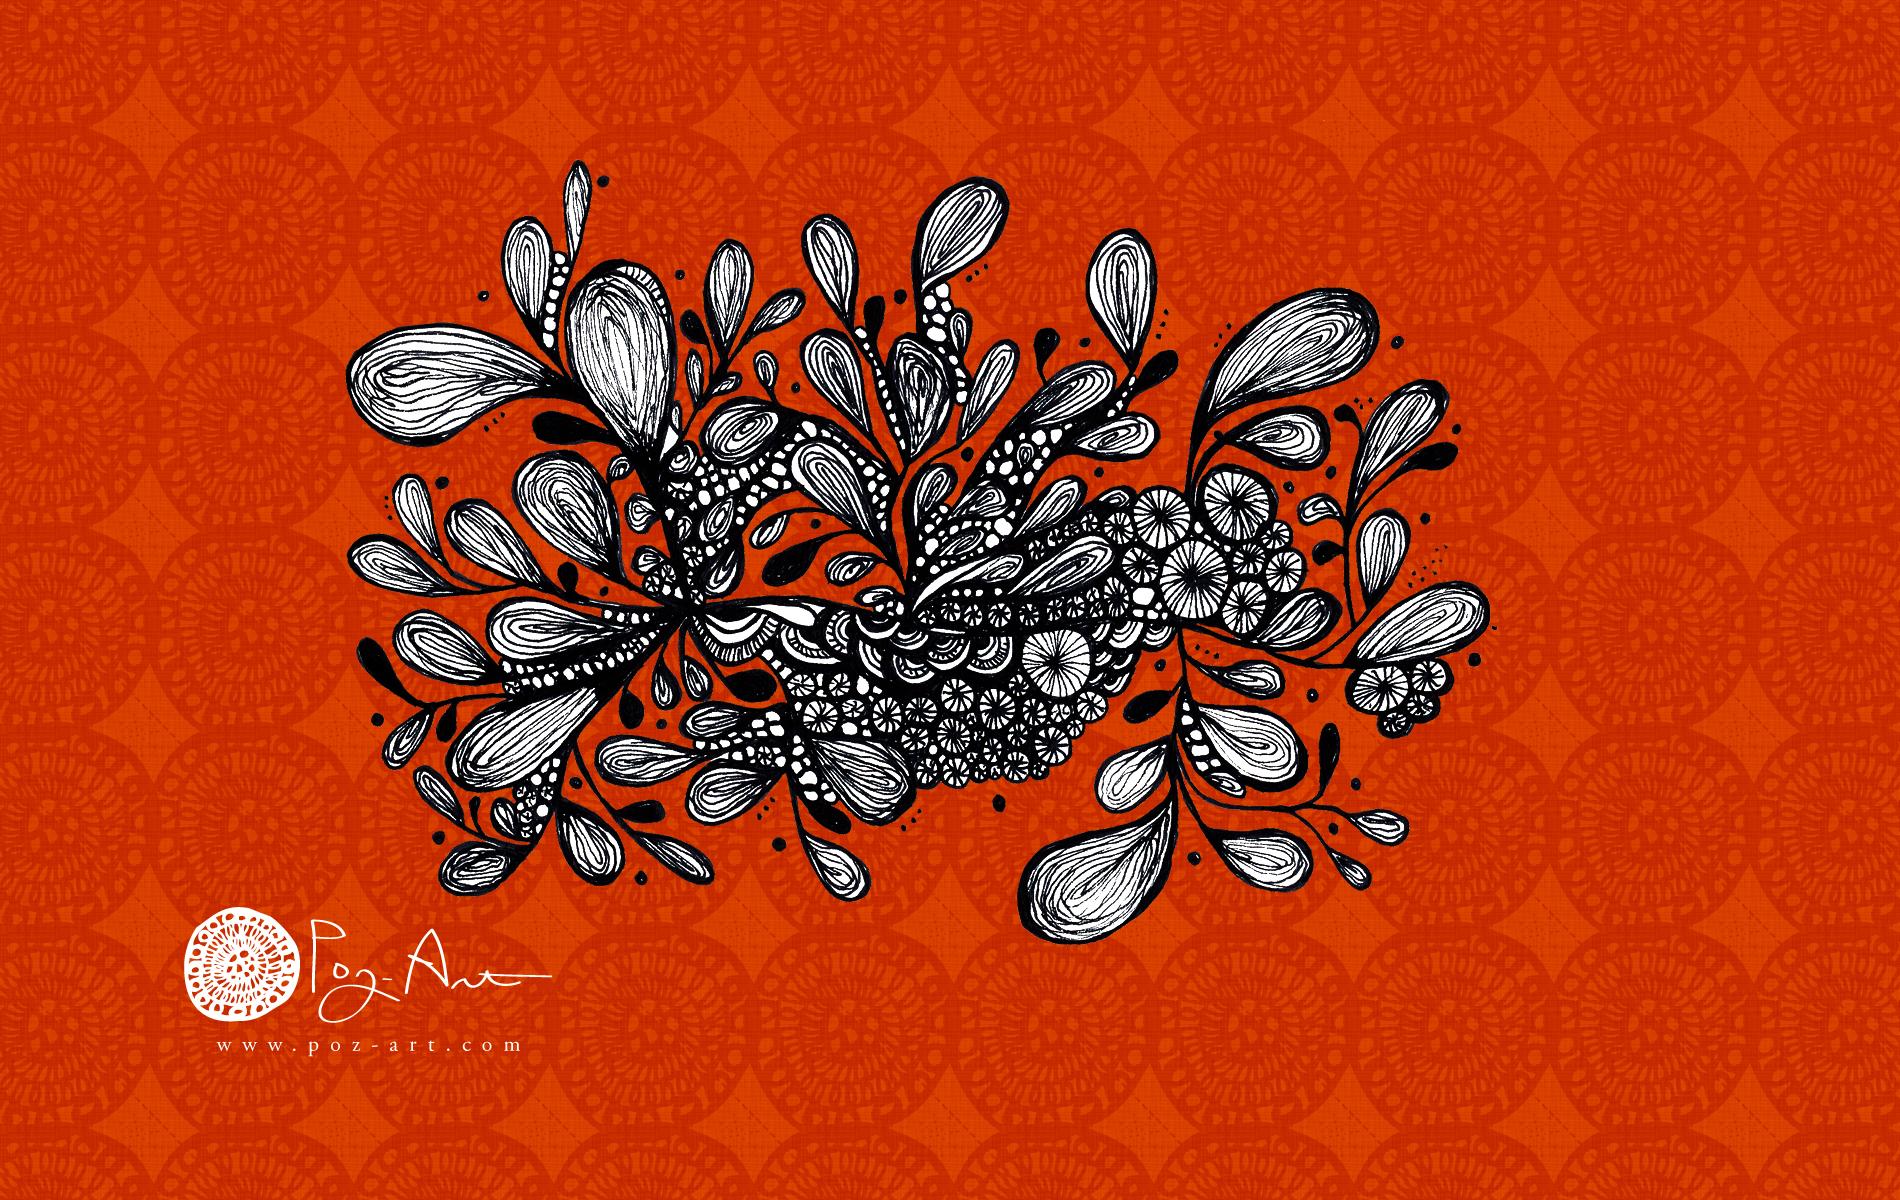 Wild-Leaves_Wallpaper_Poz-Art